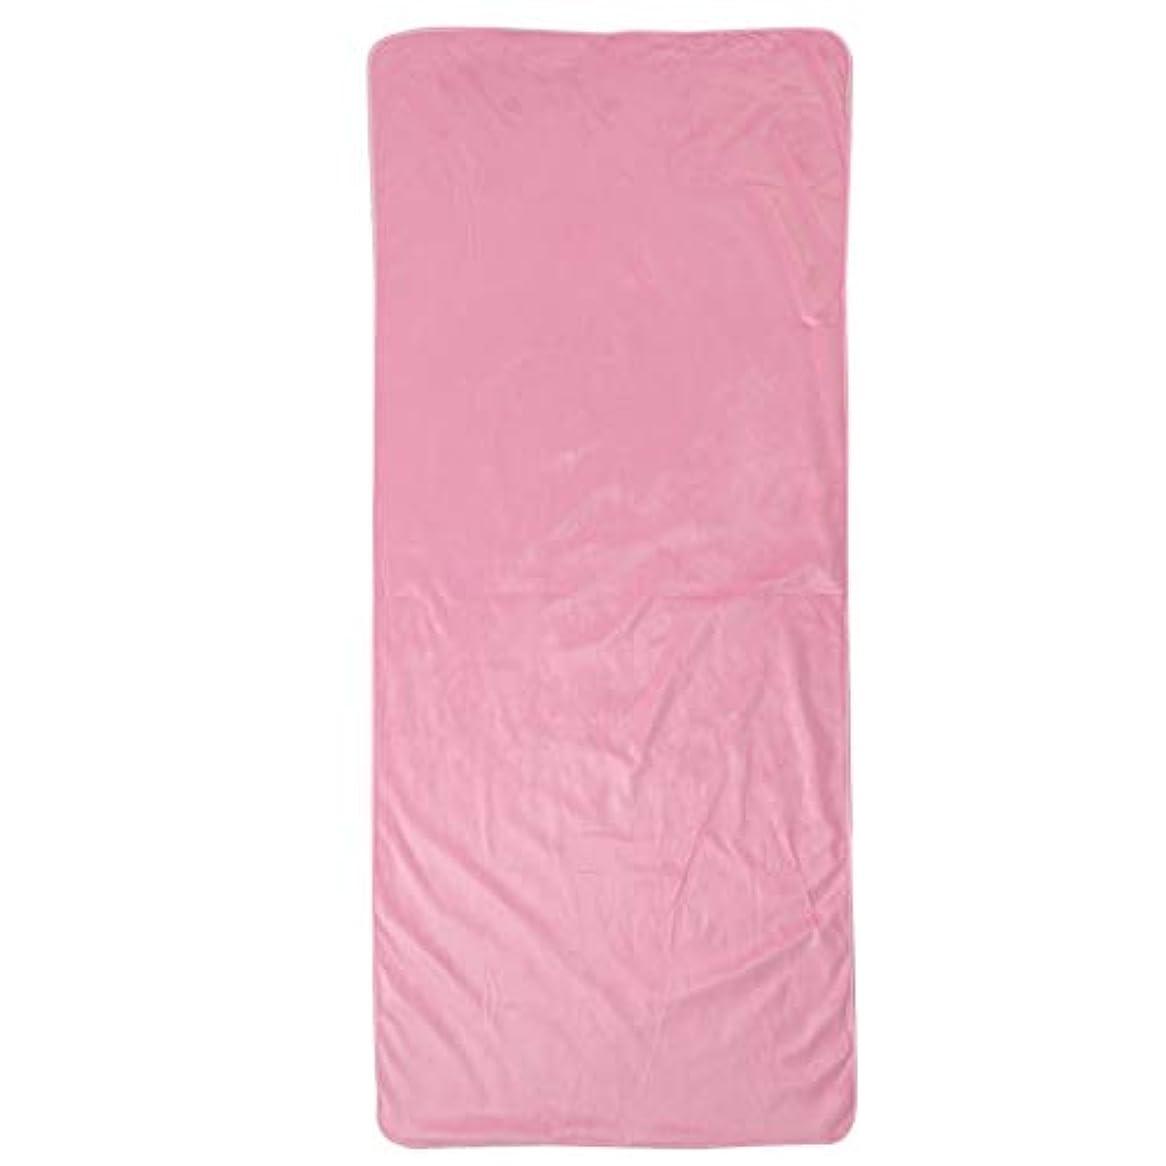 テンポ願うカイウスFLAMEER マッサージベッドカバー スパ 美容ベッド エステベッドシーツ 通気性 快適